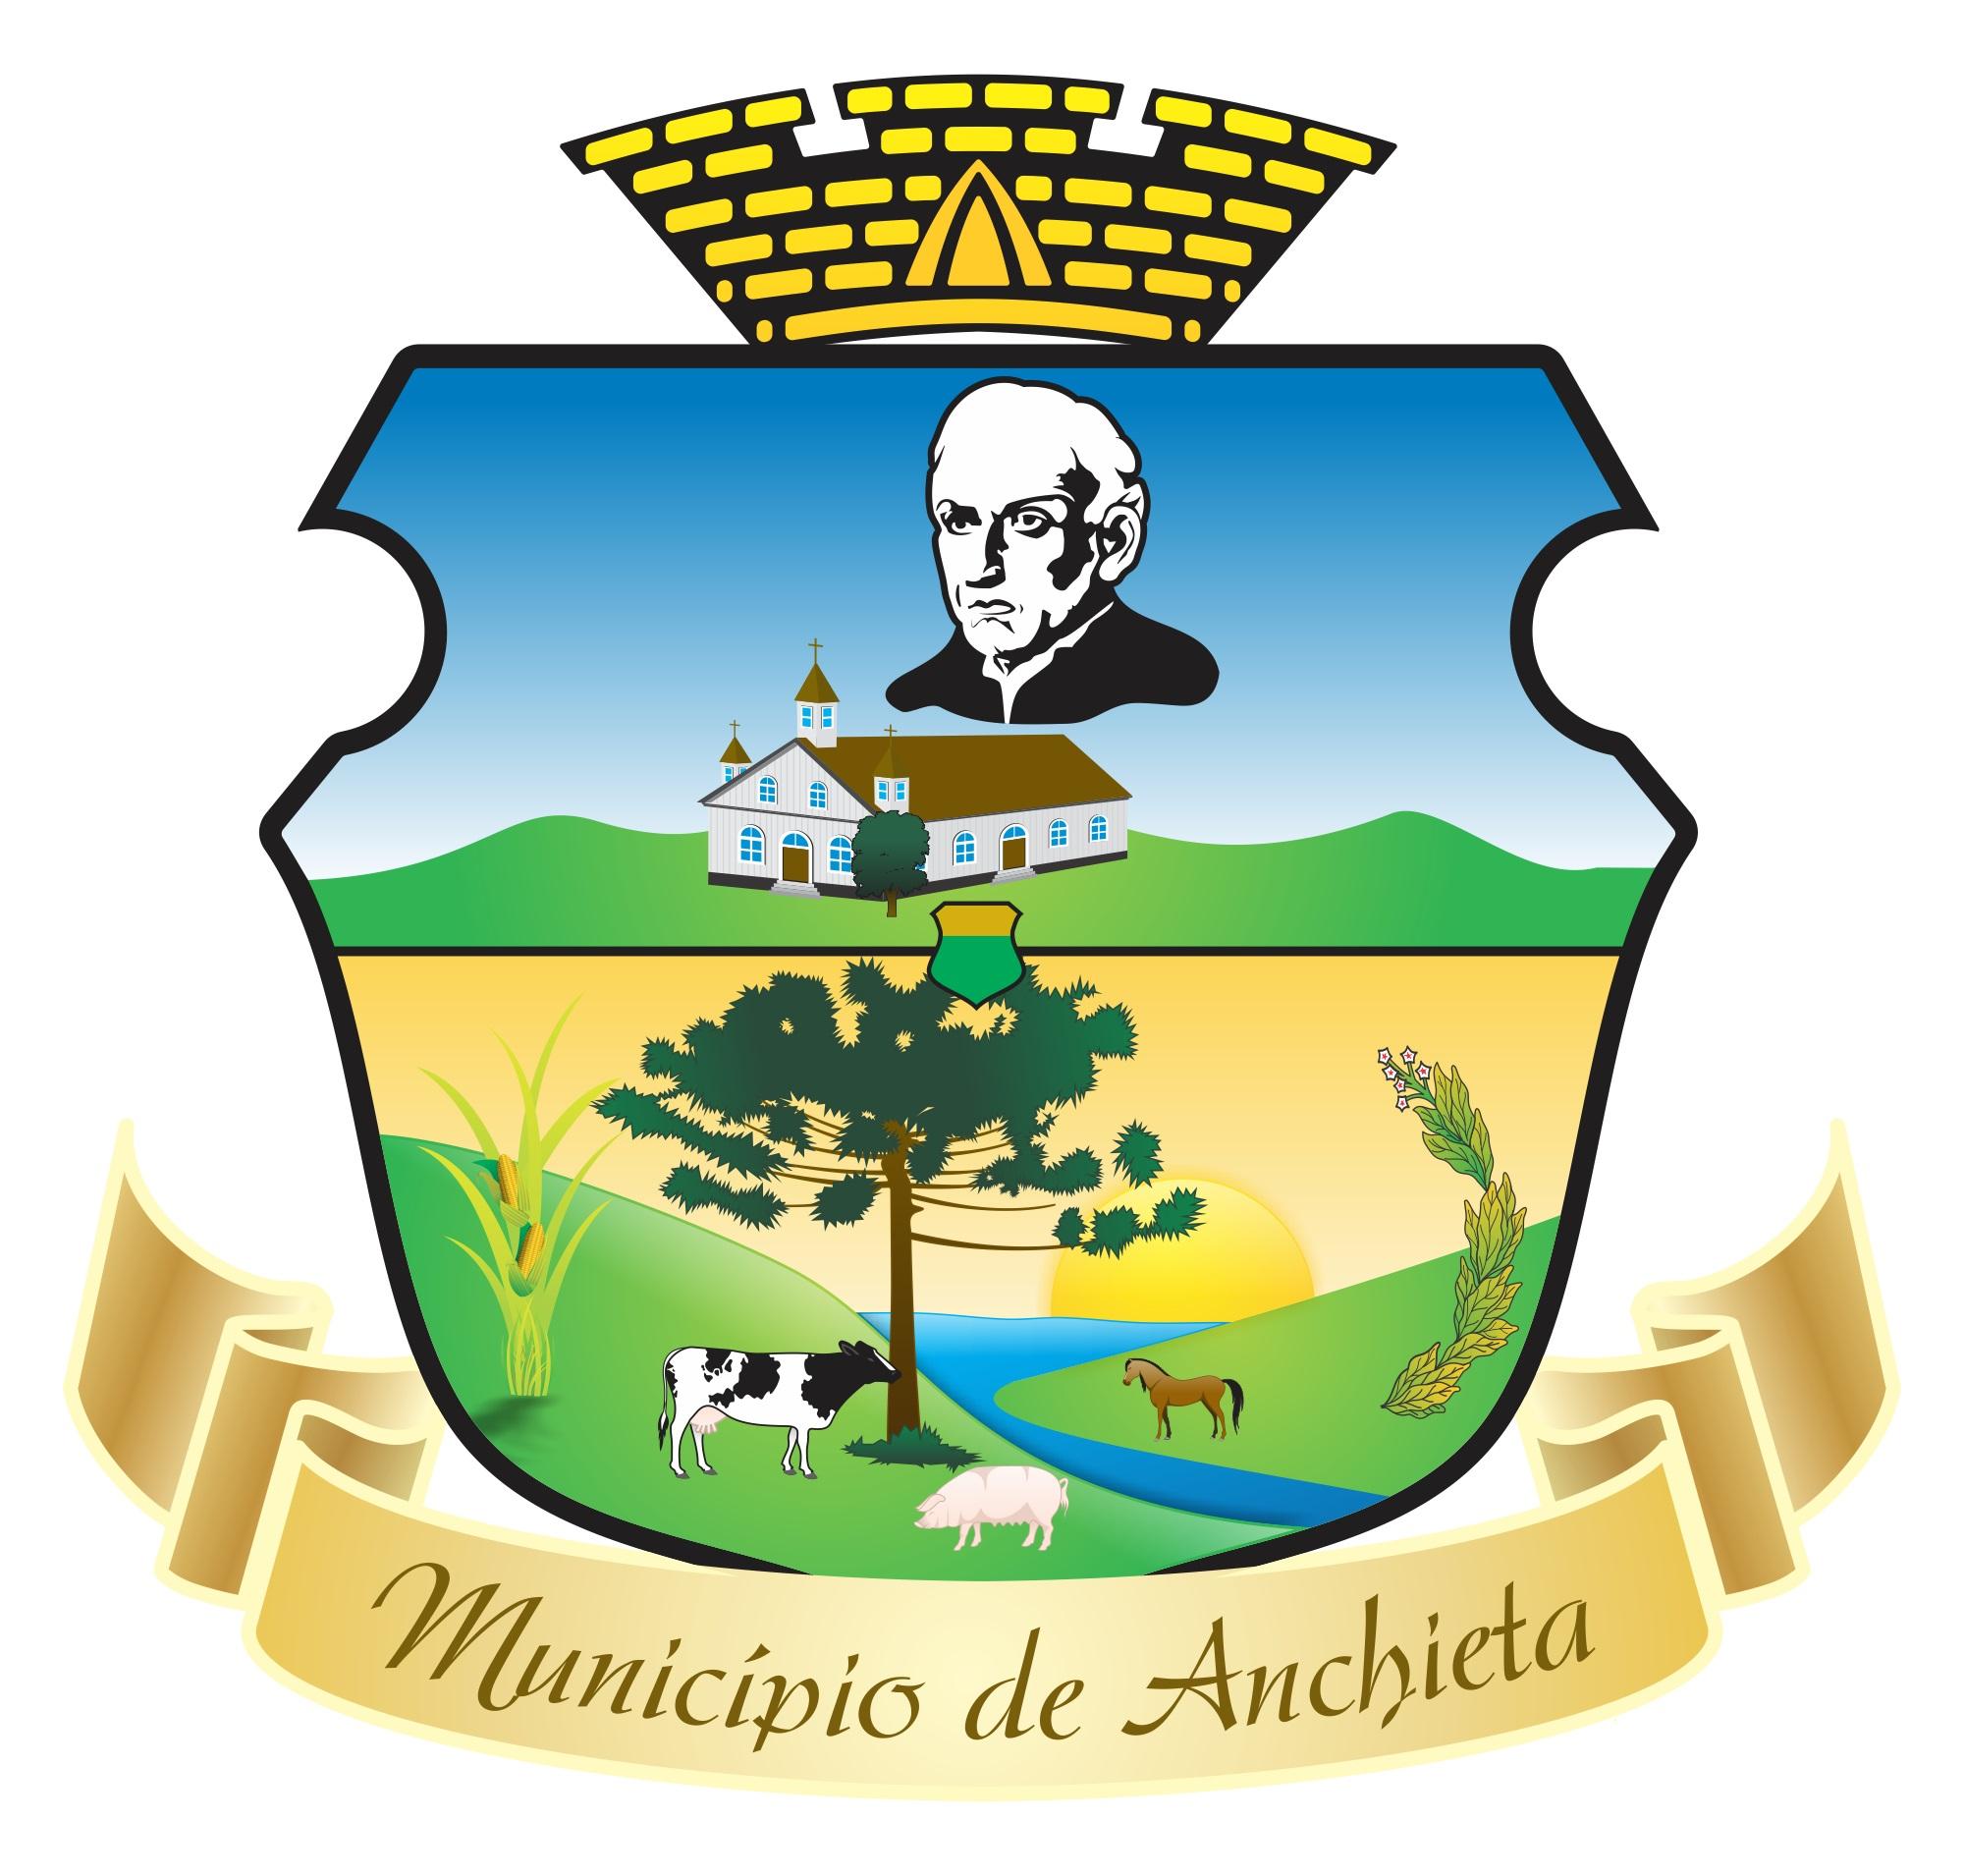 Anchieta (Santa Catarina).